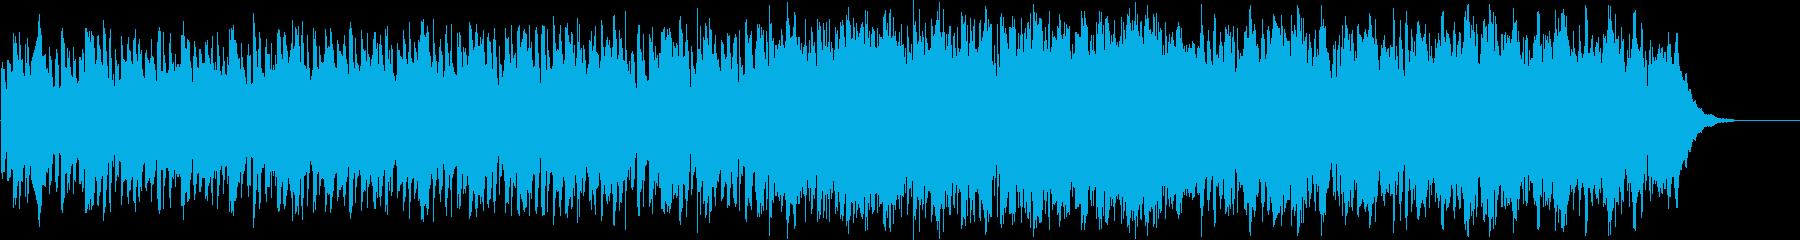 ゆったり/海/水族館/ヒーリング/睡眠の再生済みの波形